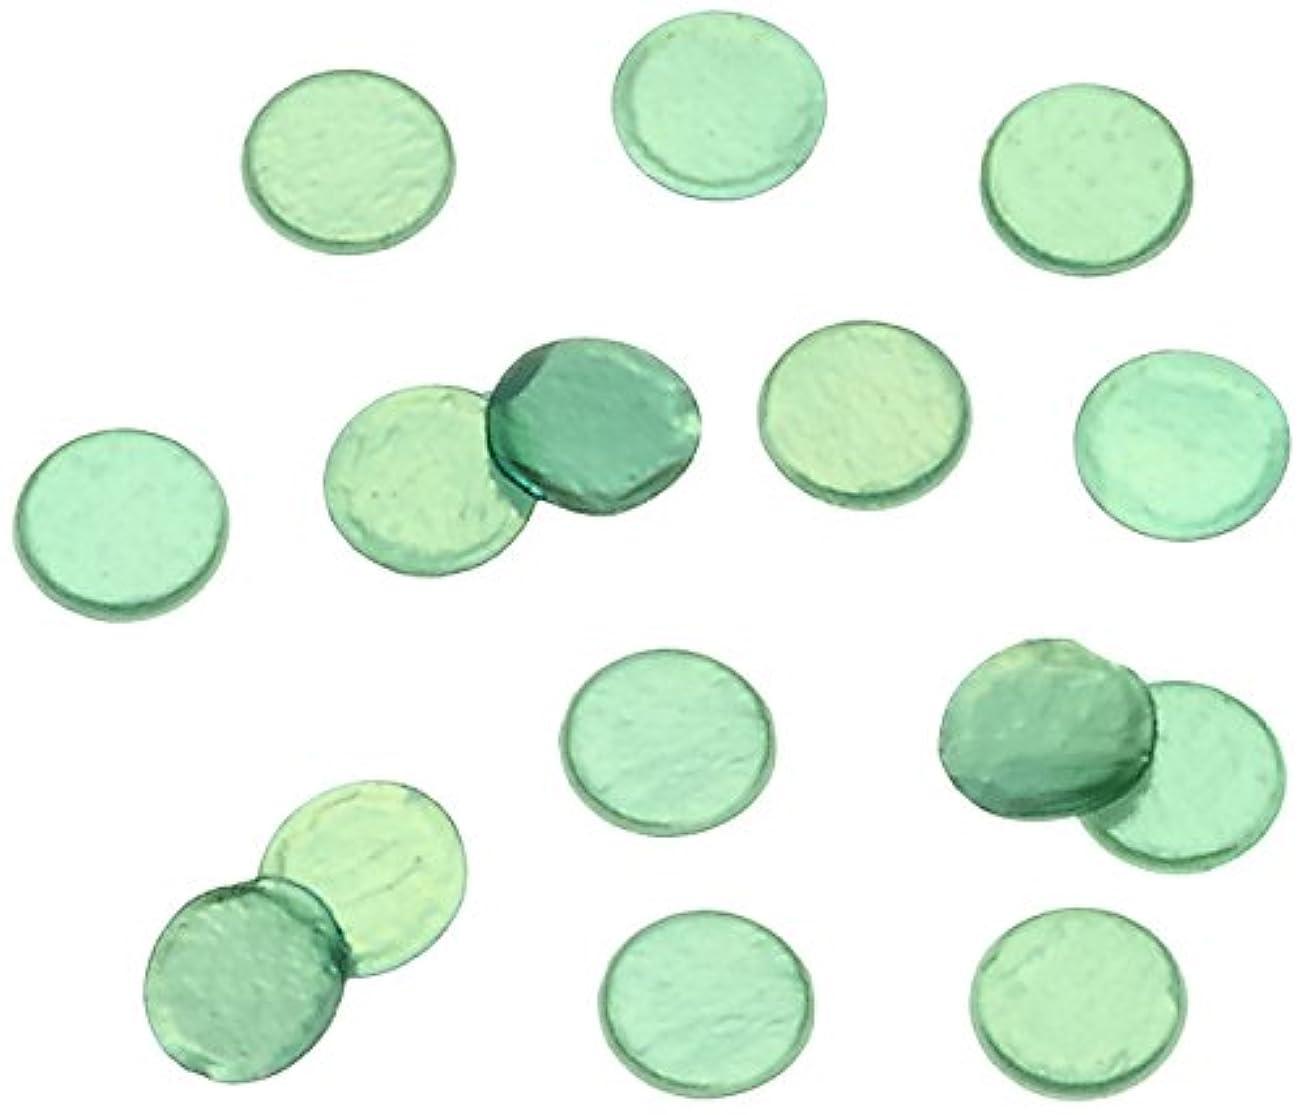 爪リーク法律によりピカエース ネイル用パウダー 丸ビビット 1.0mm #610 グリーン 0.5g